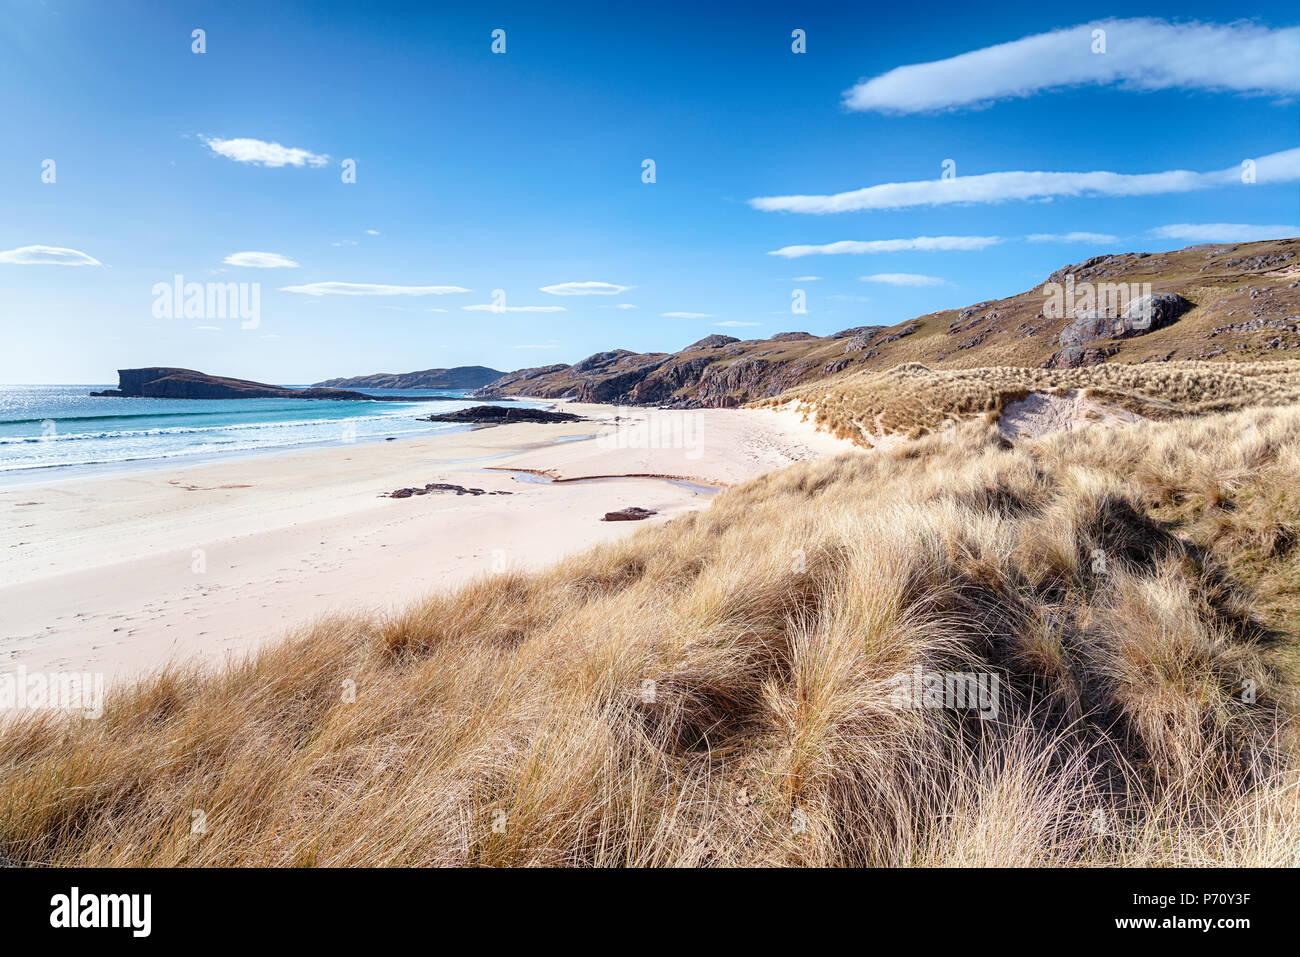 La grande spiaggia sabbiosa sostenuta da dune a Oldshoremore vicino Kinlochbervie iin Sutherland n l'estremo nord-ovest della Scozia Foto Stock